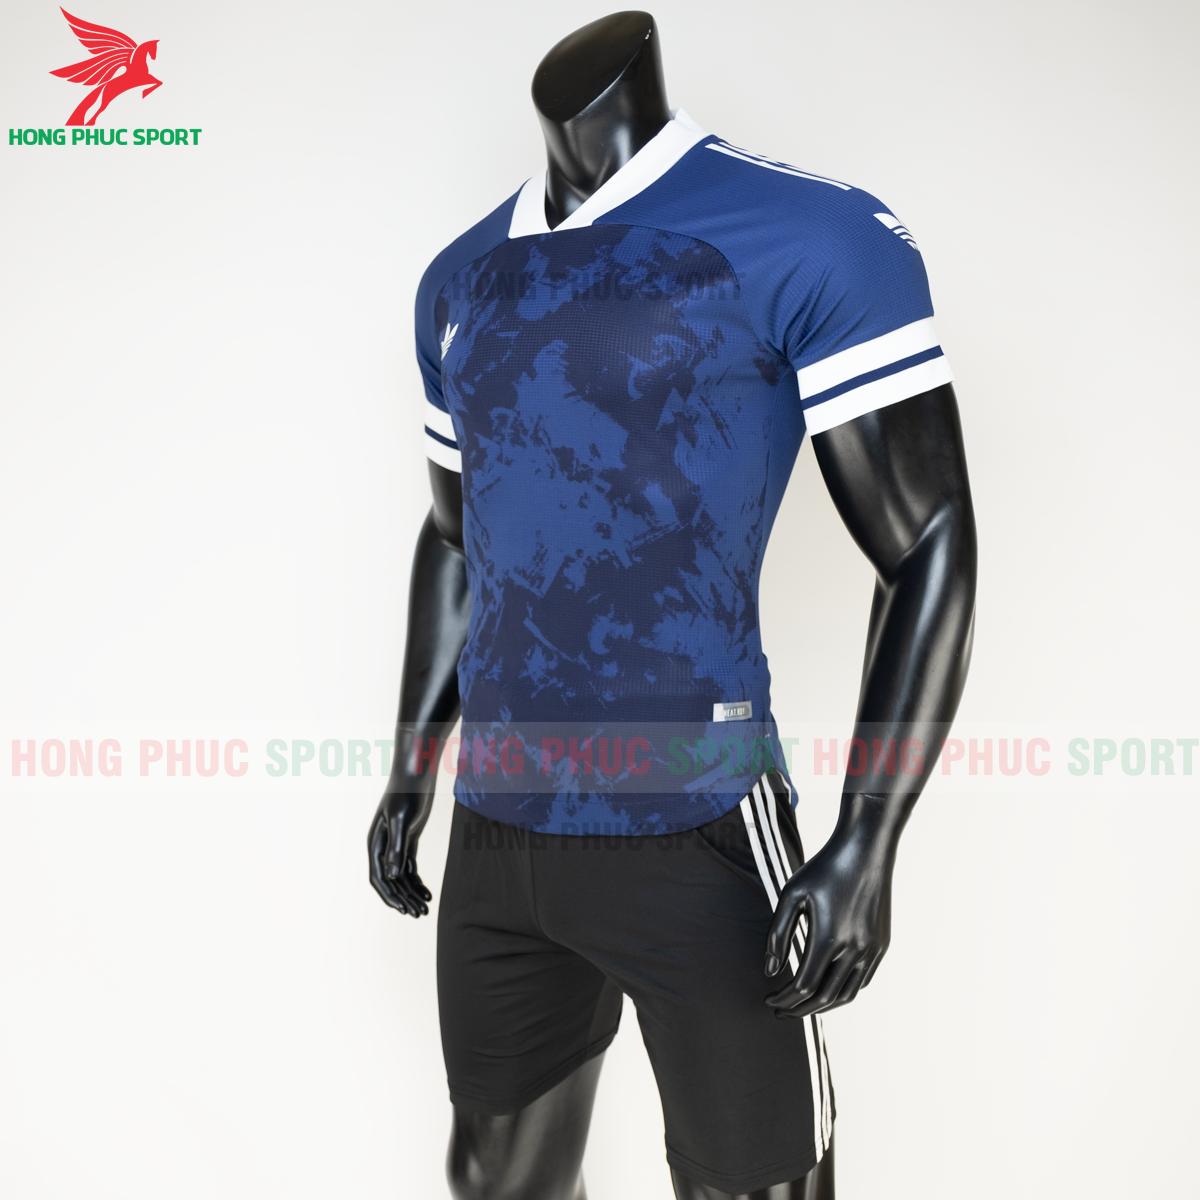 Áo đá banh không logo Condivo ba lá Adidas 2020 2021 mẫu 1 (trái)